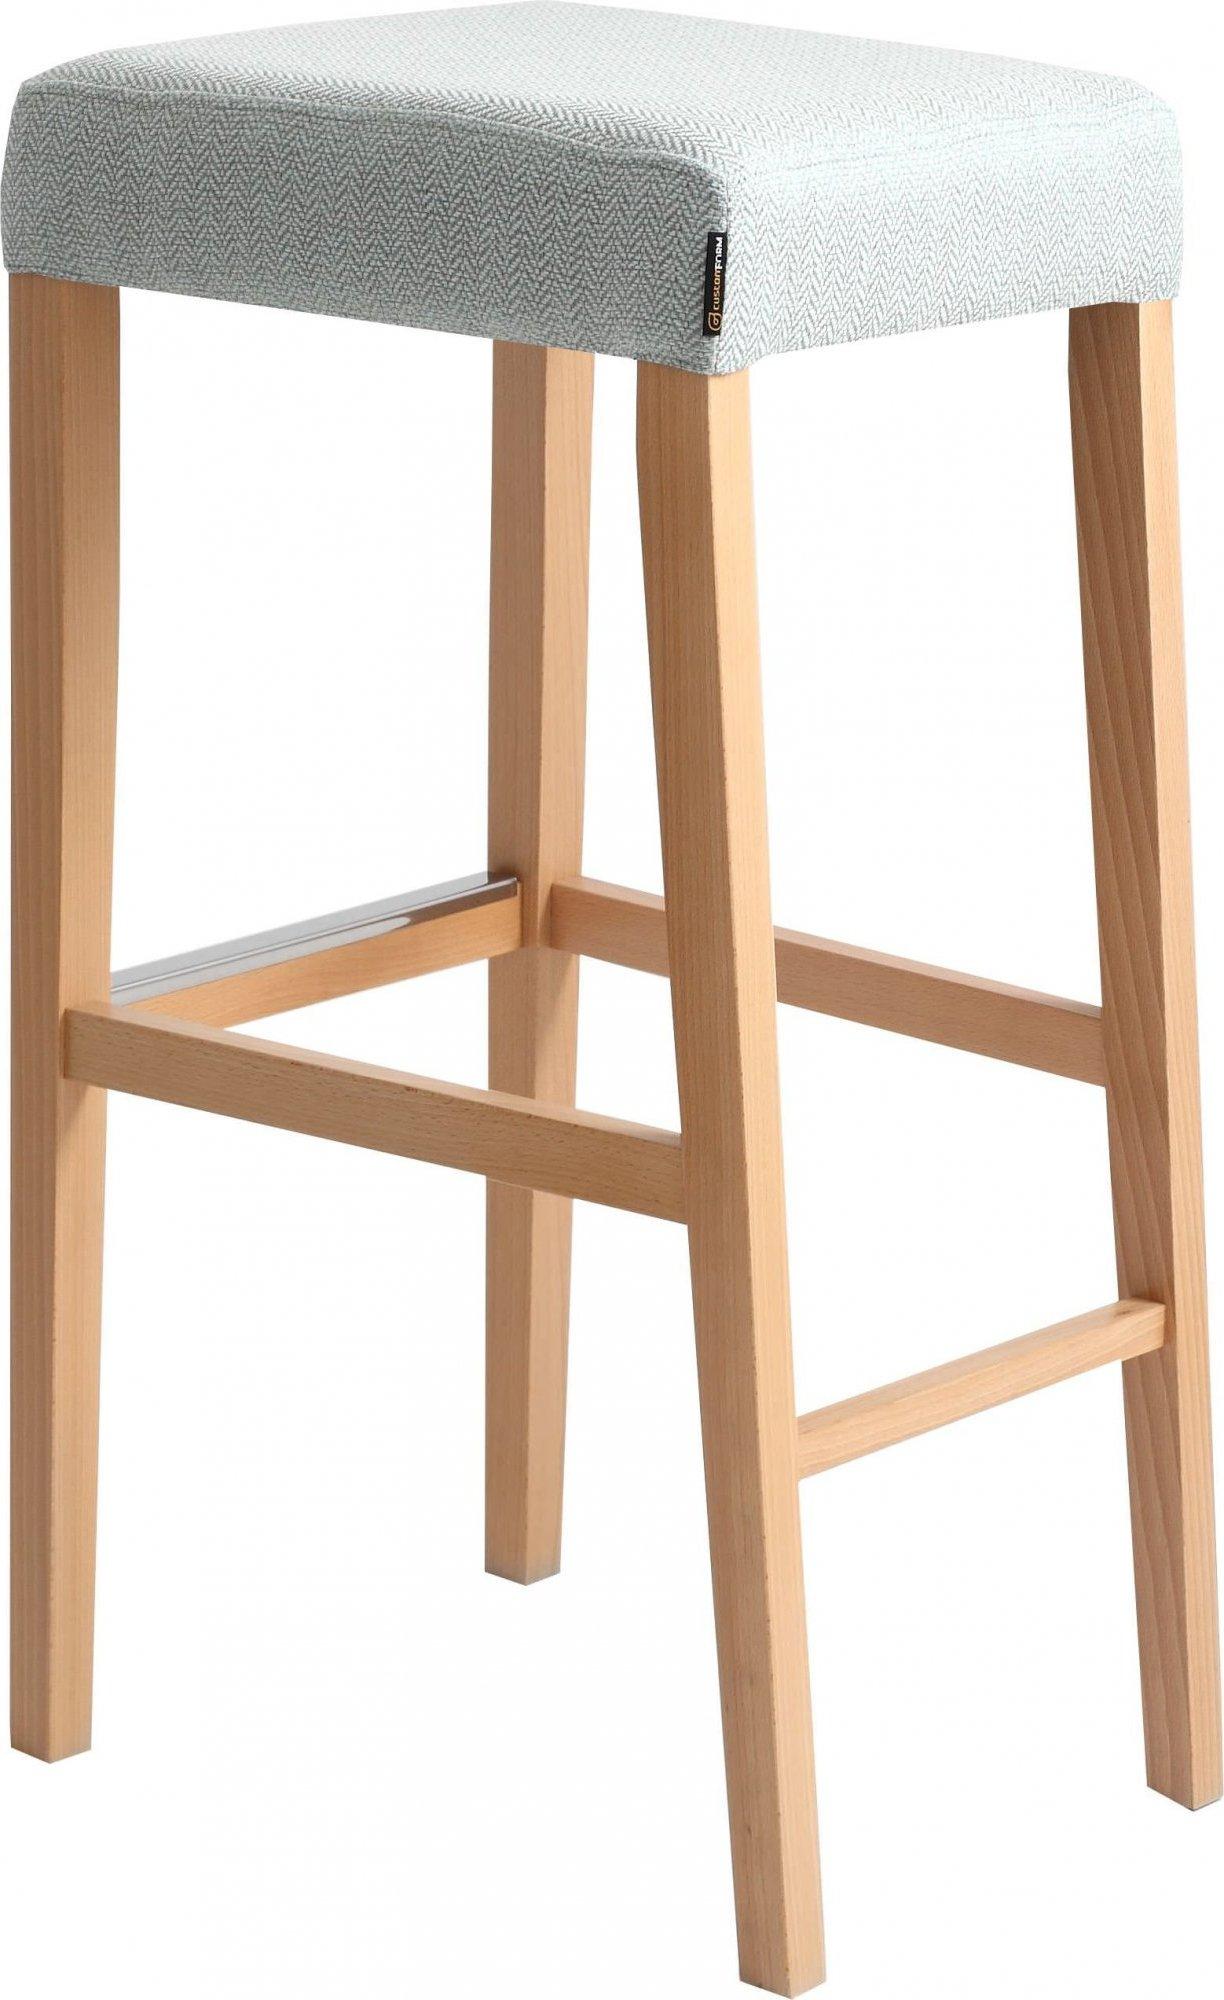 Tabouret bar tissu rembourrée beige pieds bois massif clair